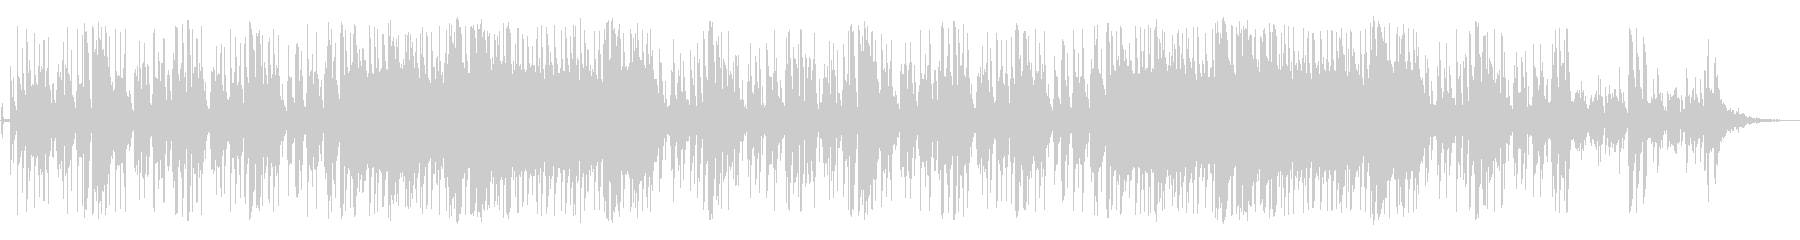 アコギとクラシックギタ-のアンサンブルの未再生の波形